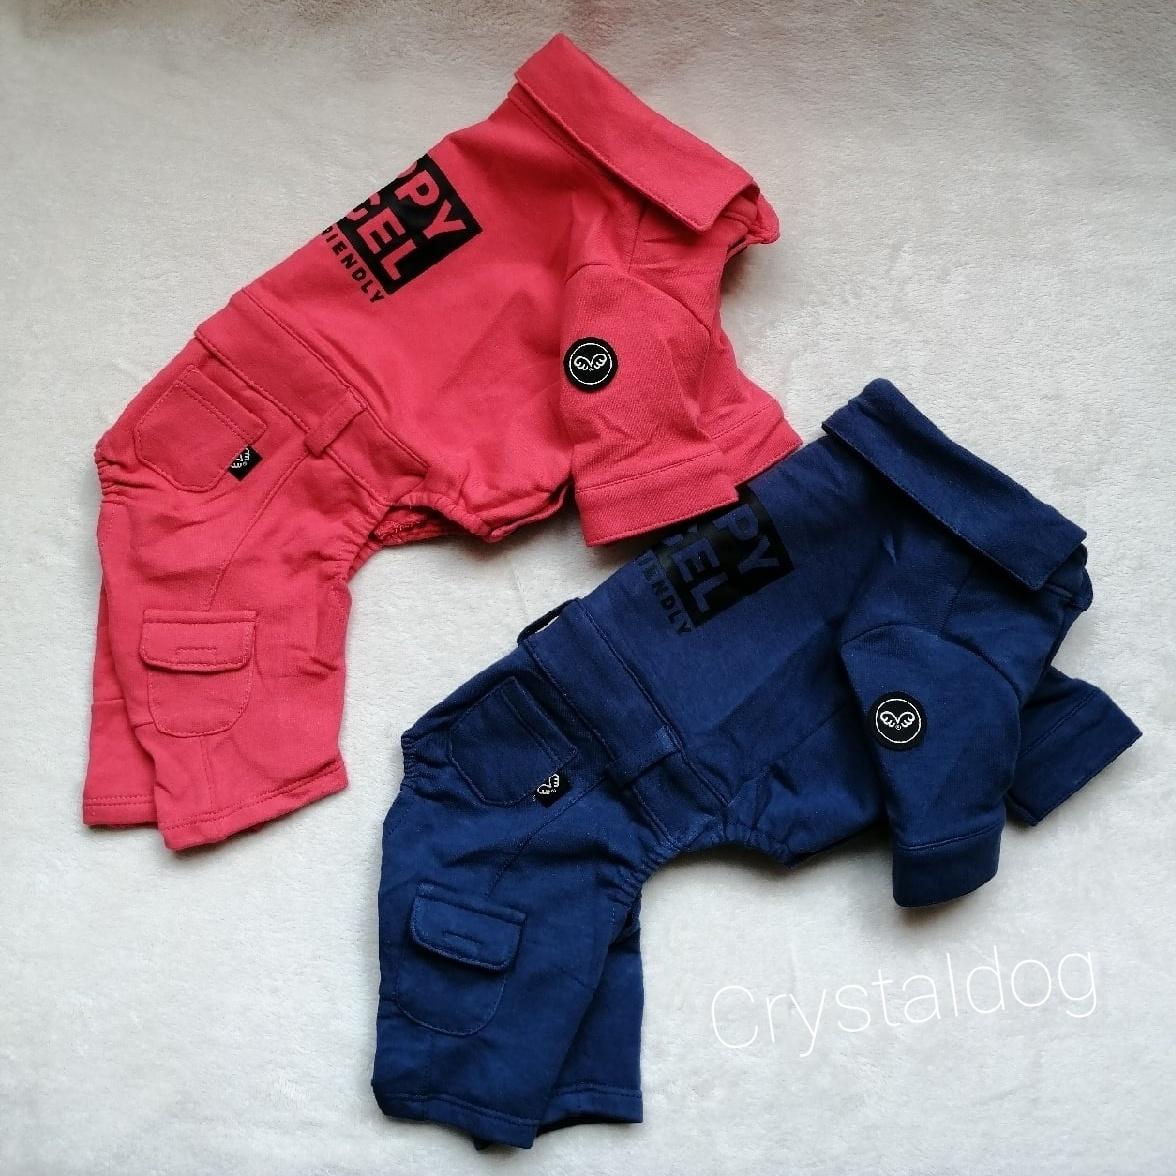 Одежда для йорков фото